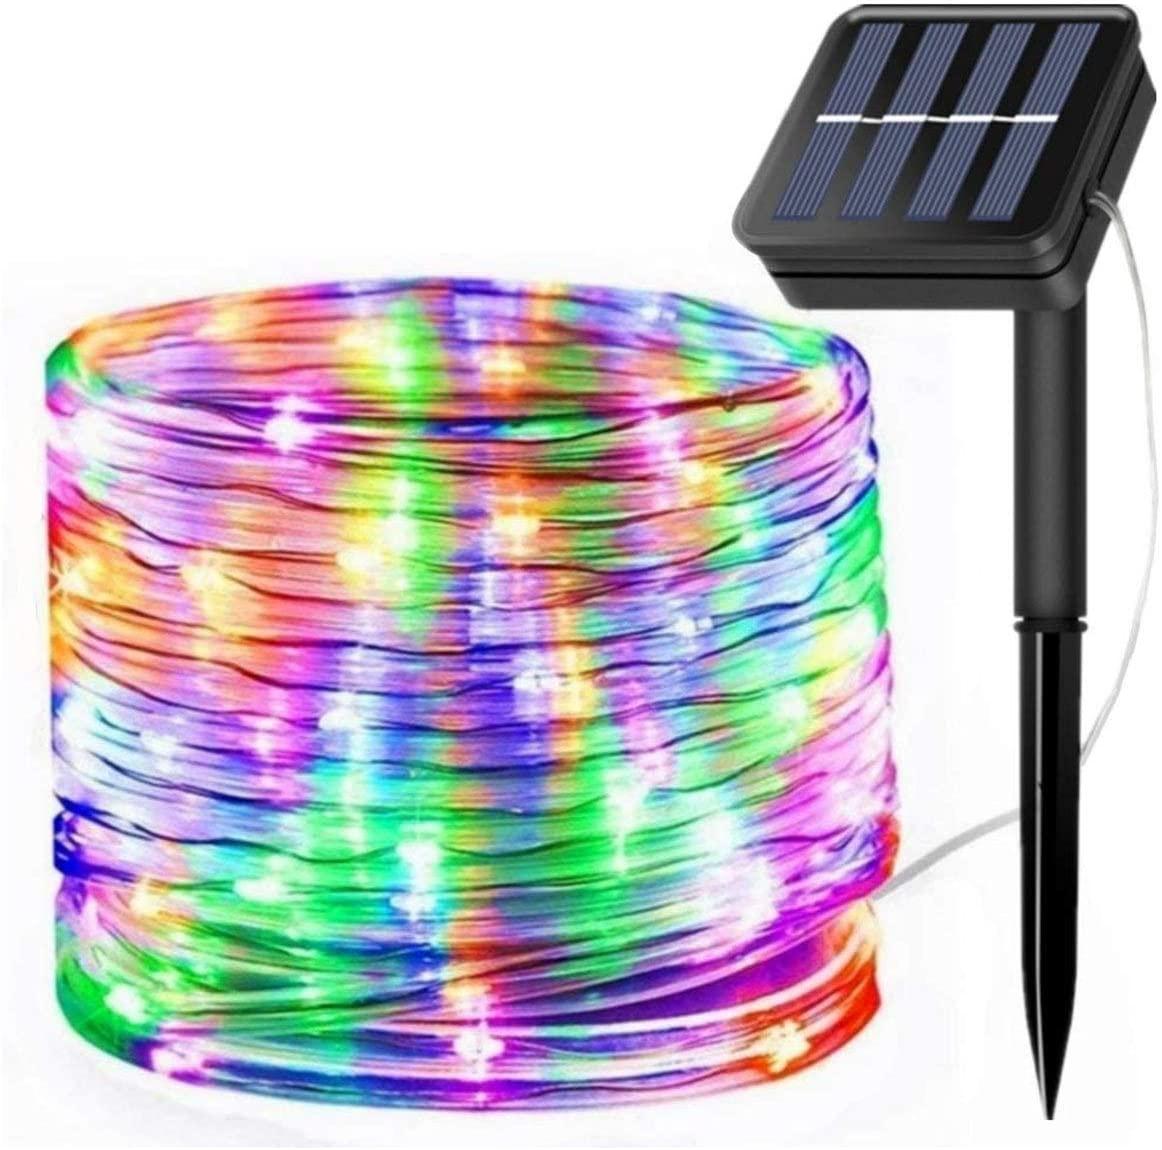 Solar Power String Lights LED Rope Lights 12M 100LEDs 8 Modes Tube Light Waterproof Fairy Light For Garden Christmas Party Decor